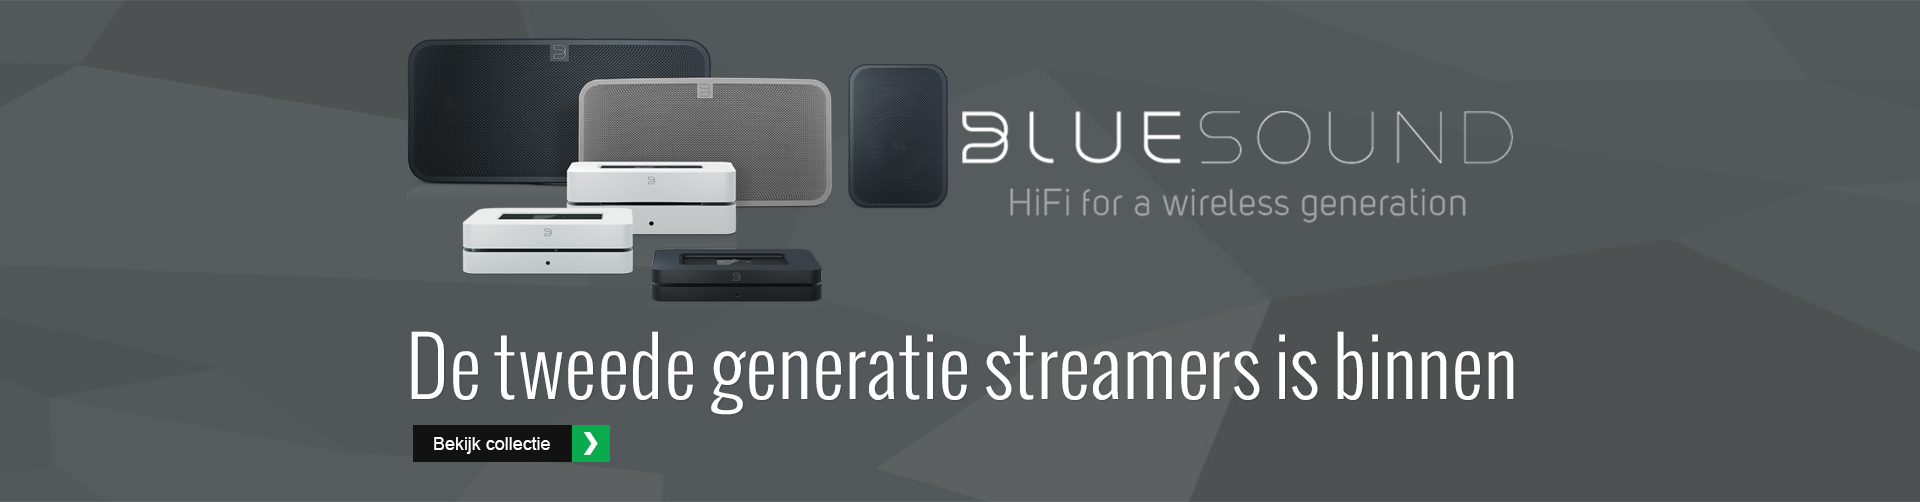 Bluesound tweede generatie streamers bij HOBO hifi